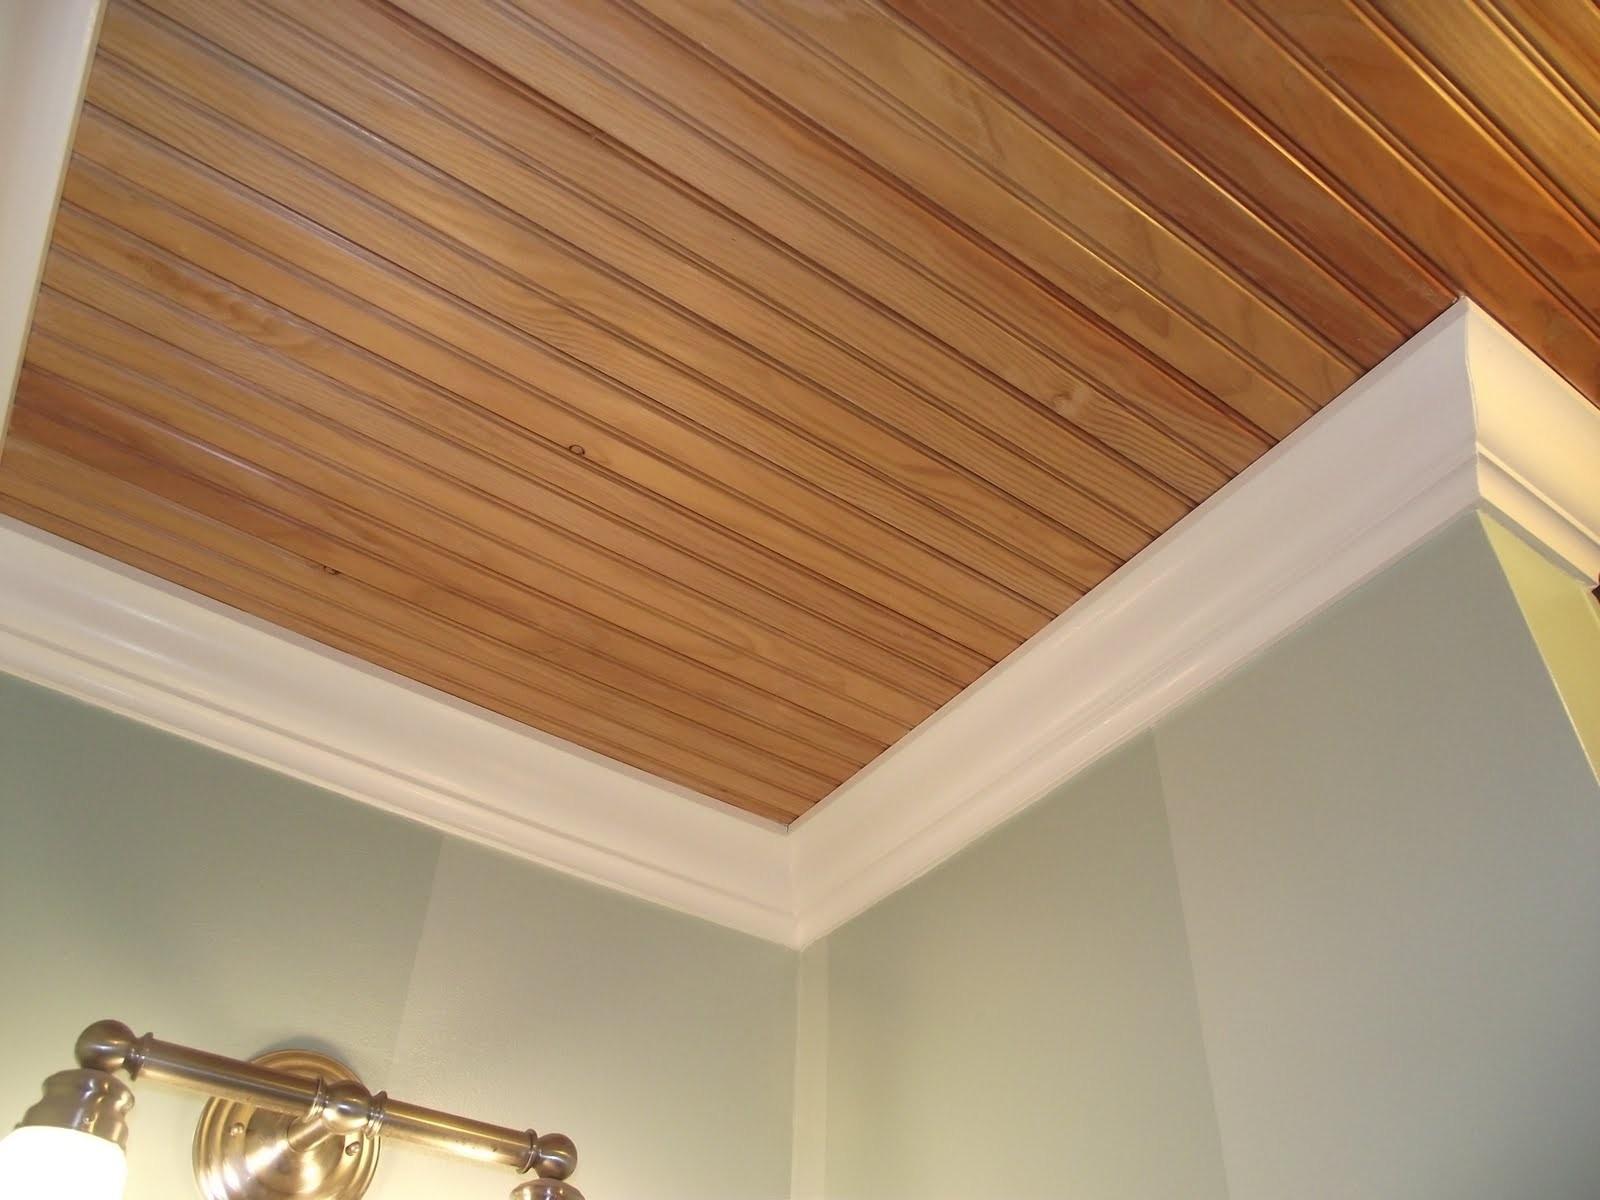 кондиционированных деревянные плинтуса на потолке фото луковицу